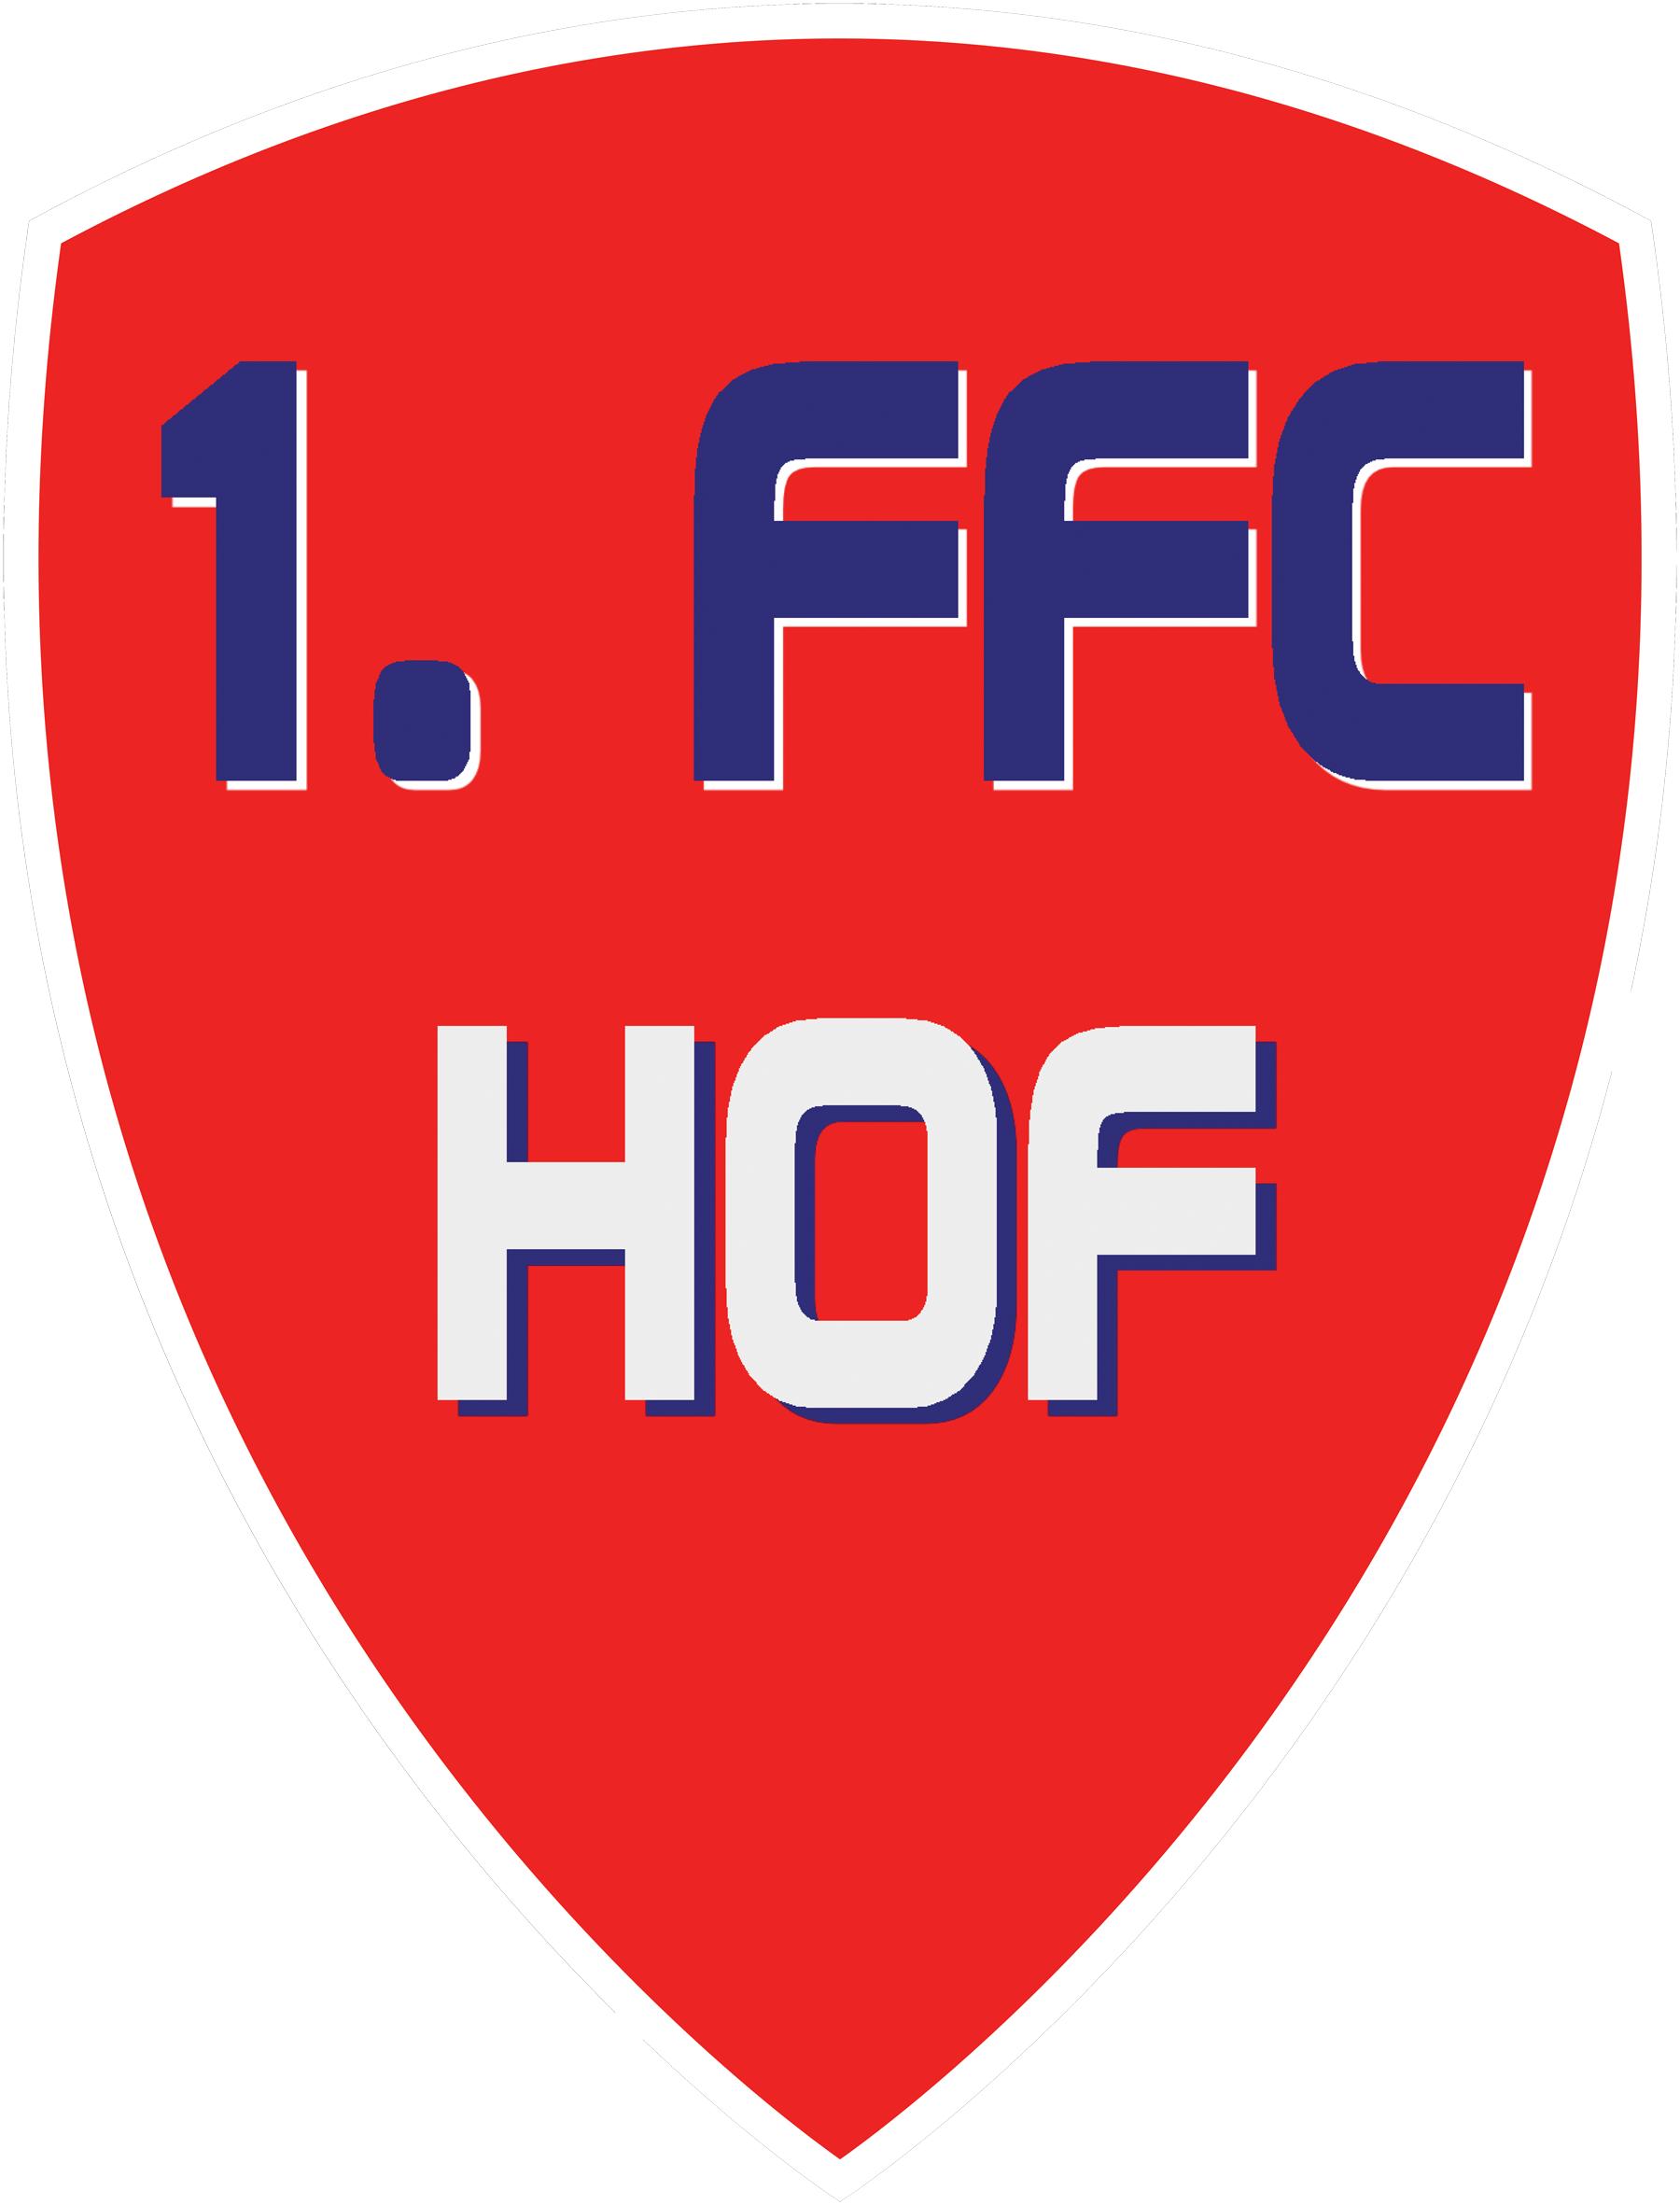 FFC Hof